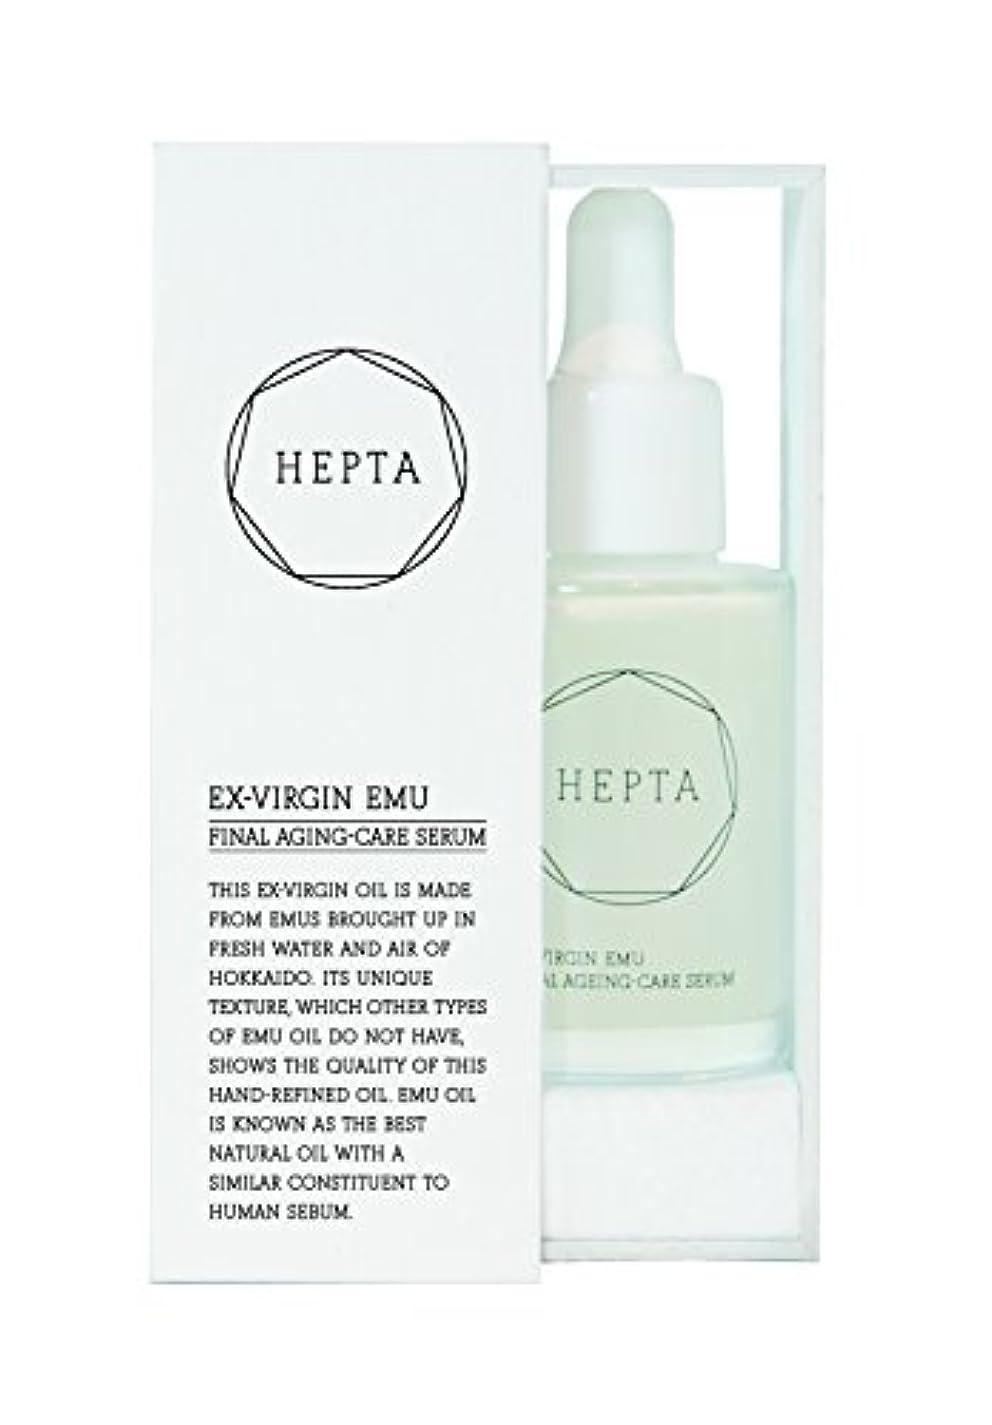 栄光のレシピ達成HEPTA ファイナルエイジングケアセラム 30ml (北海道産エミューオイル原液100%)